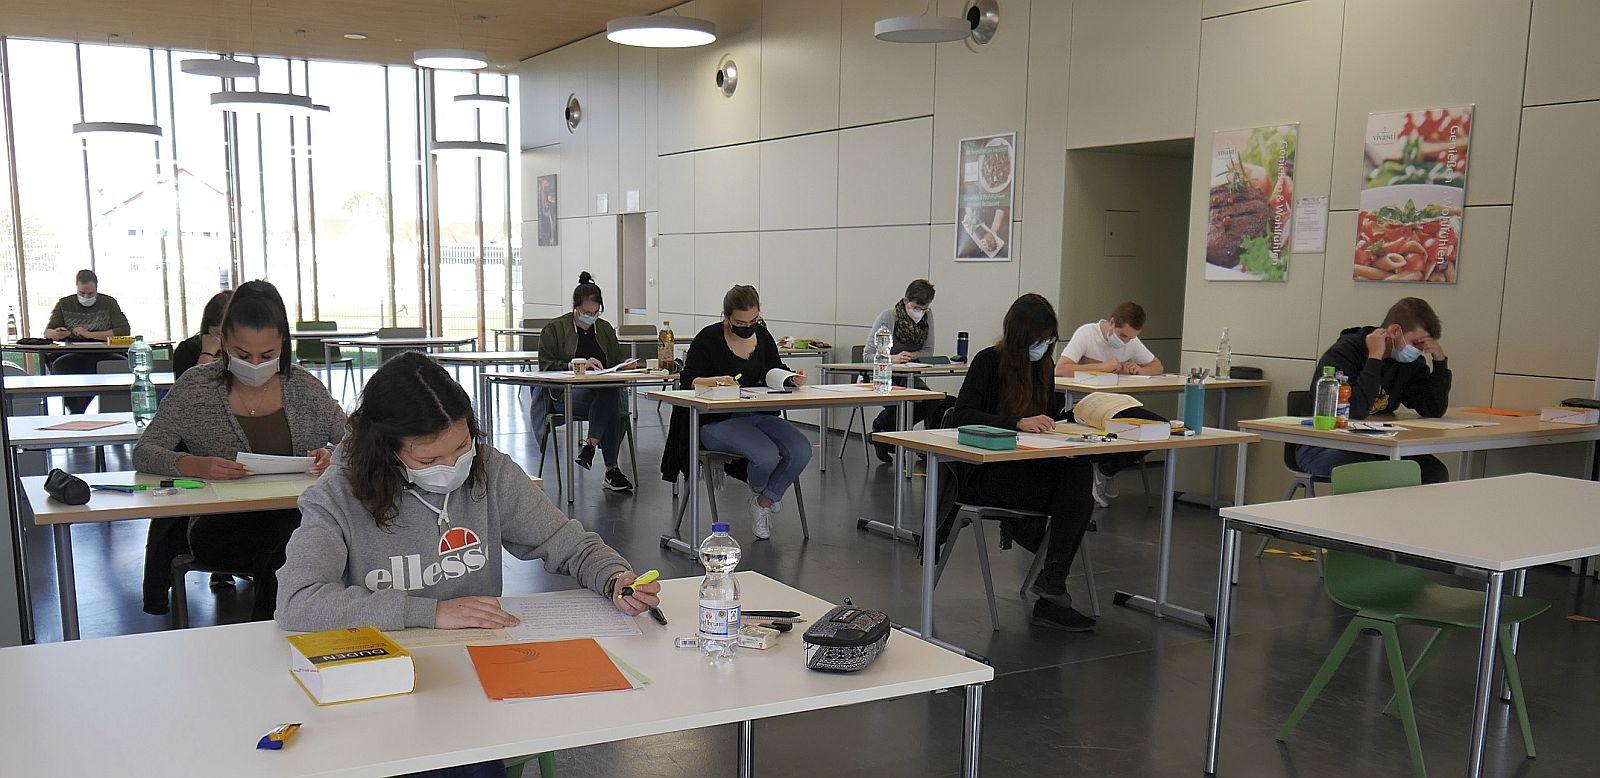 Maske tragen ist Pflicht bei den Prüfungen der Berufsschule – das wird von den Prüflingen differenziert gesehen.  Foto: Berufliche Schulen Schramberg